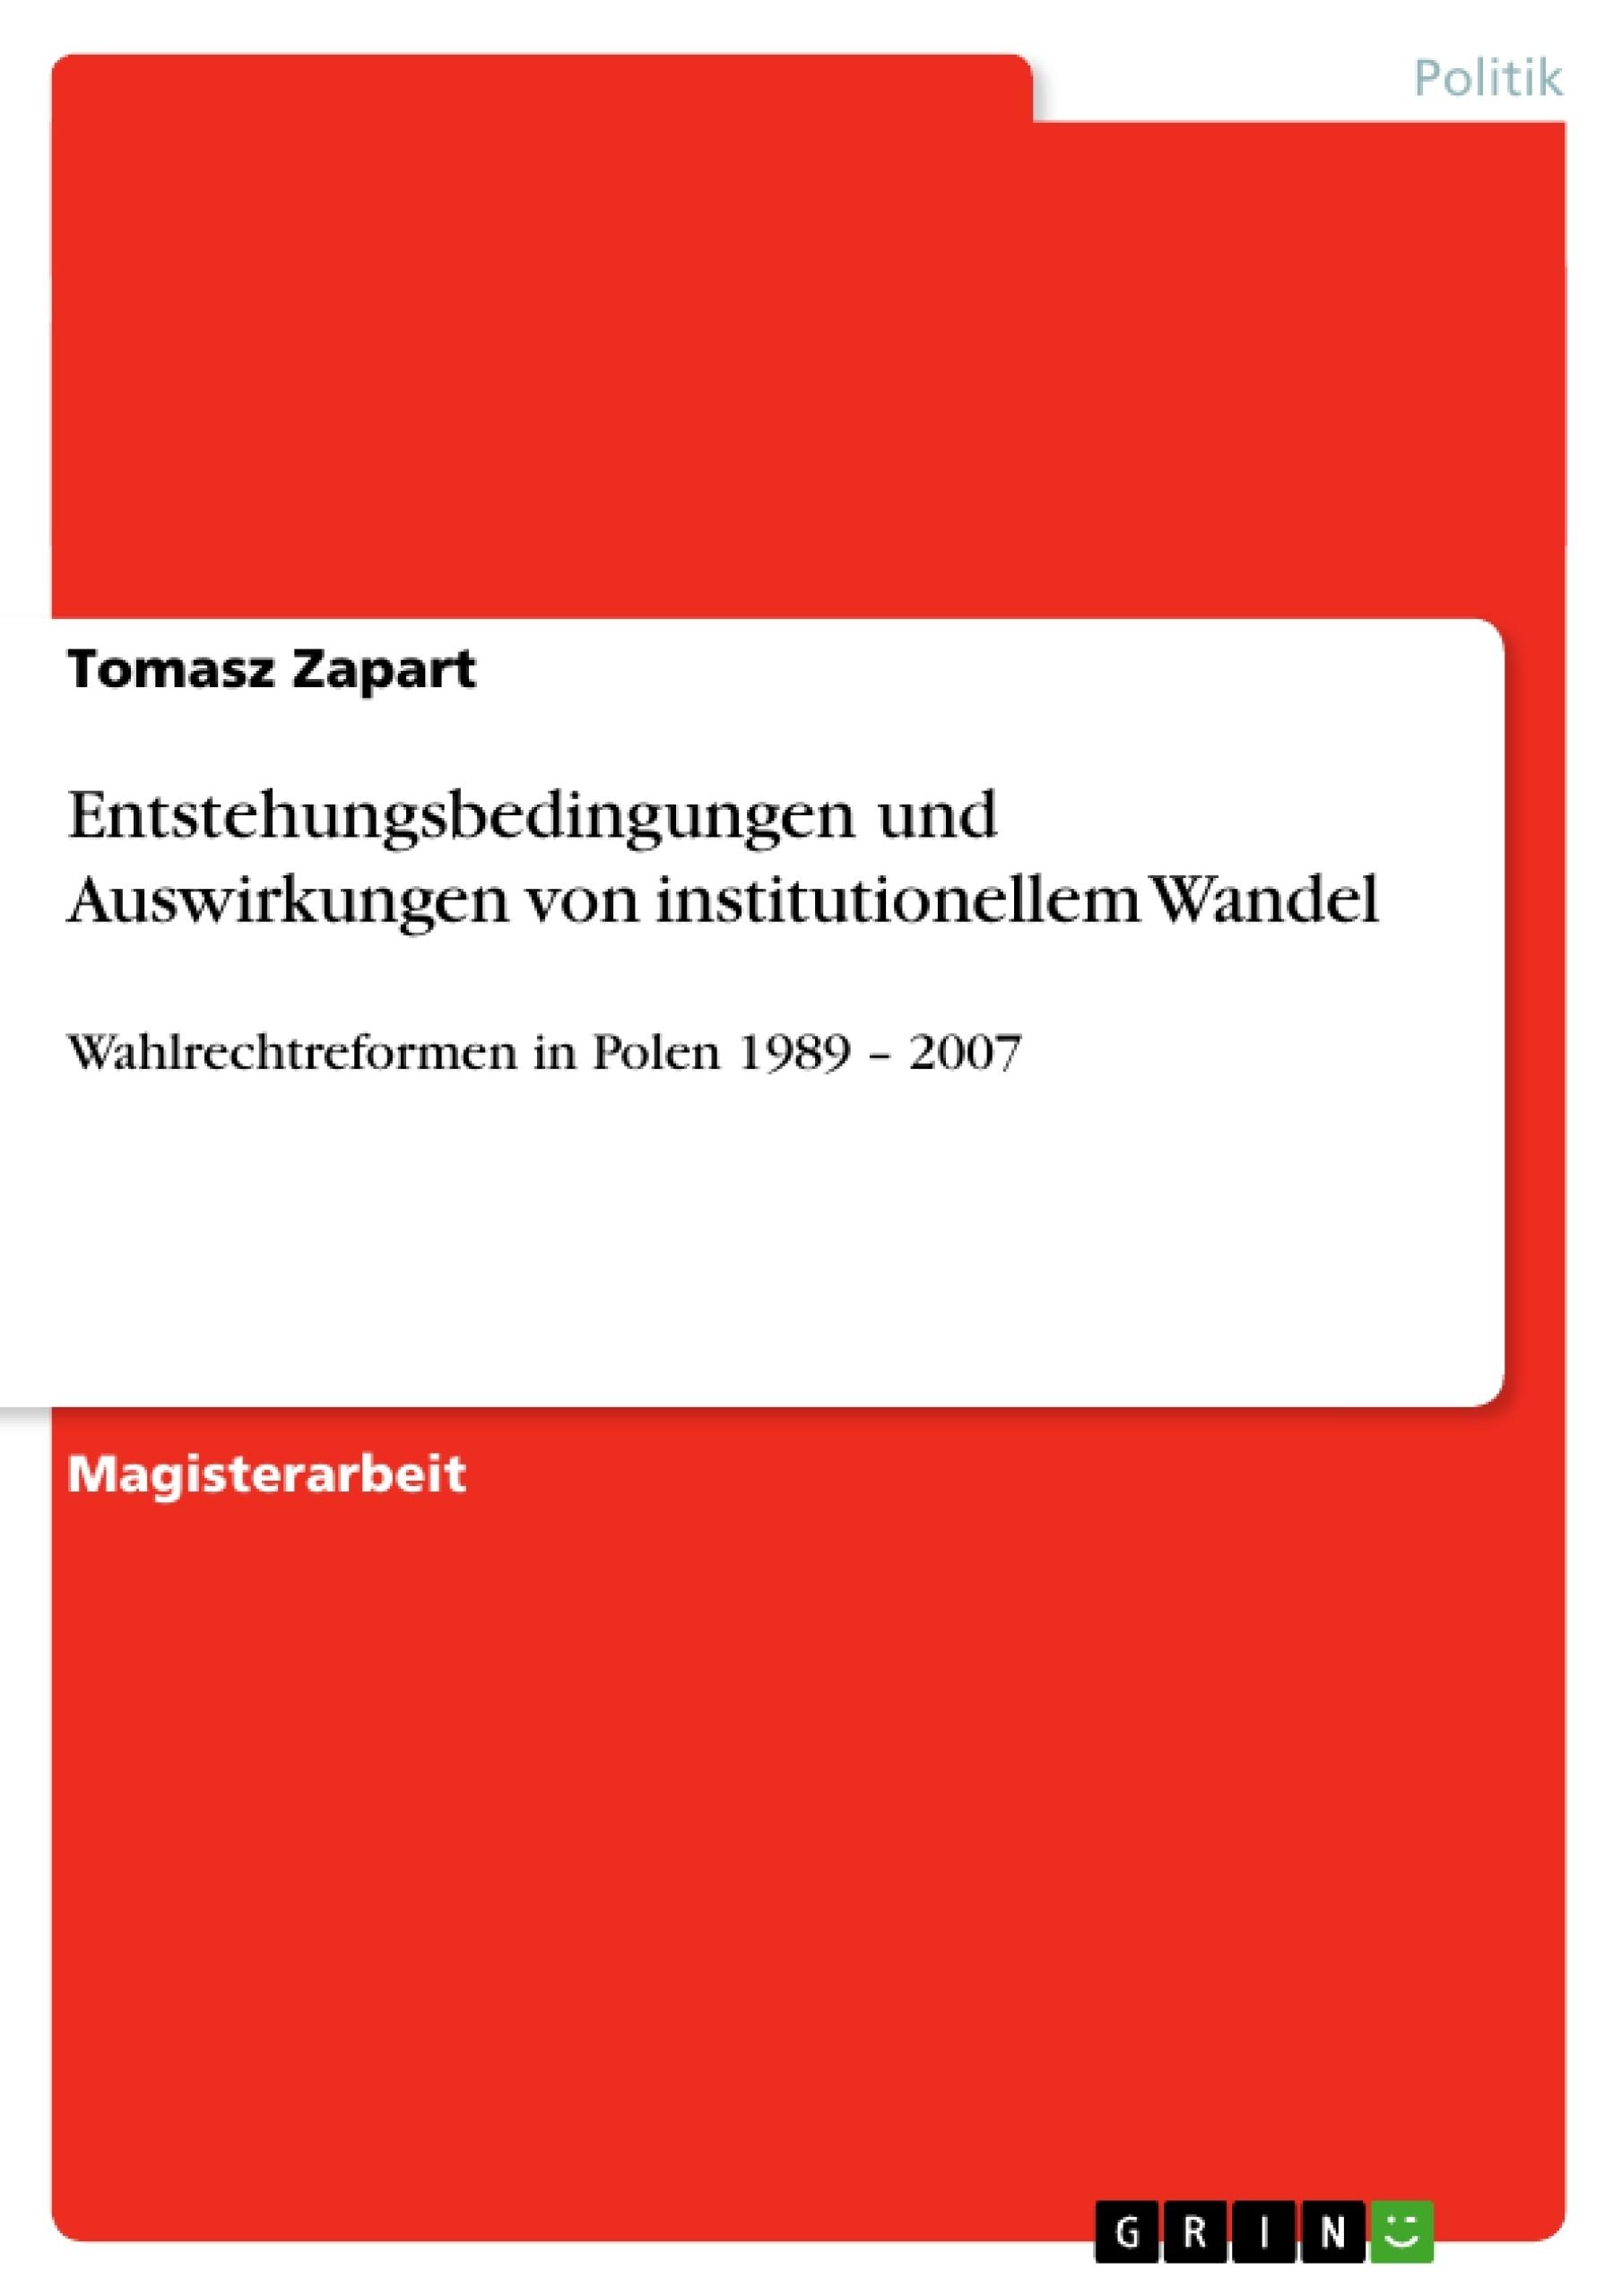 Titel: Entstehungsbedingungen und Auswirkungen von institutionellem Wandel